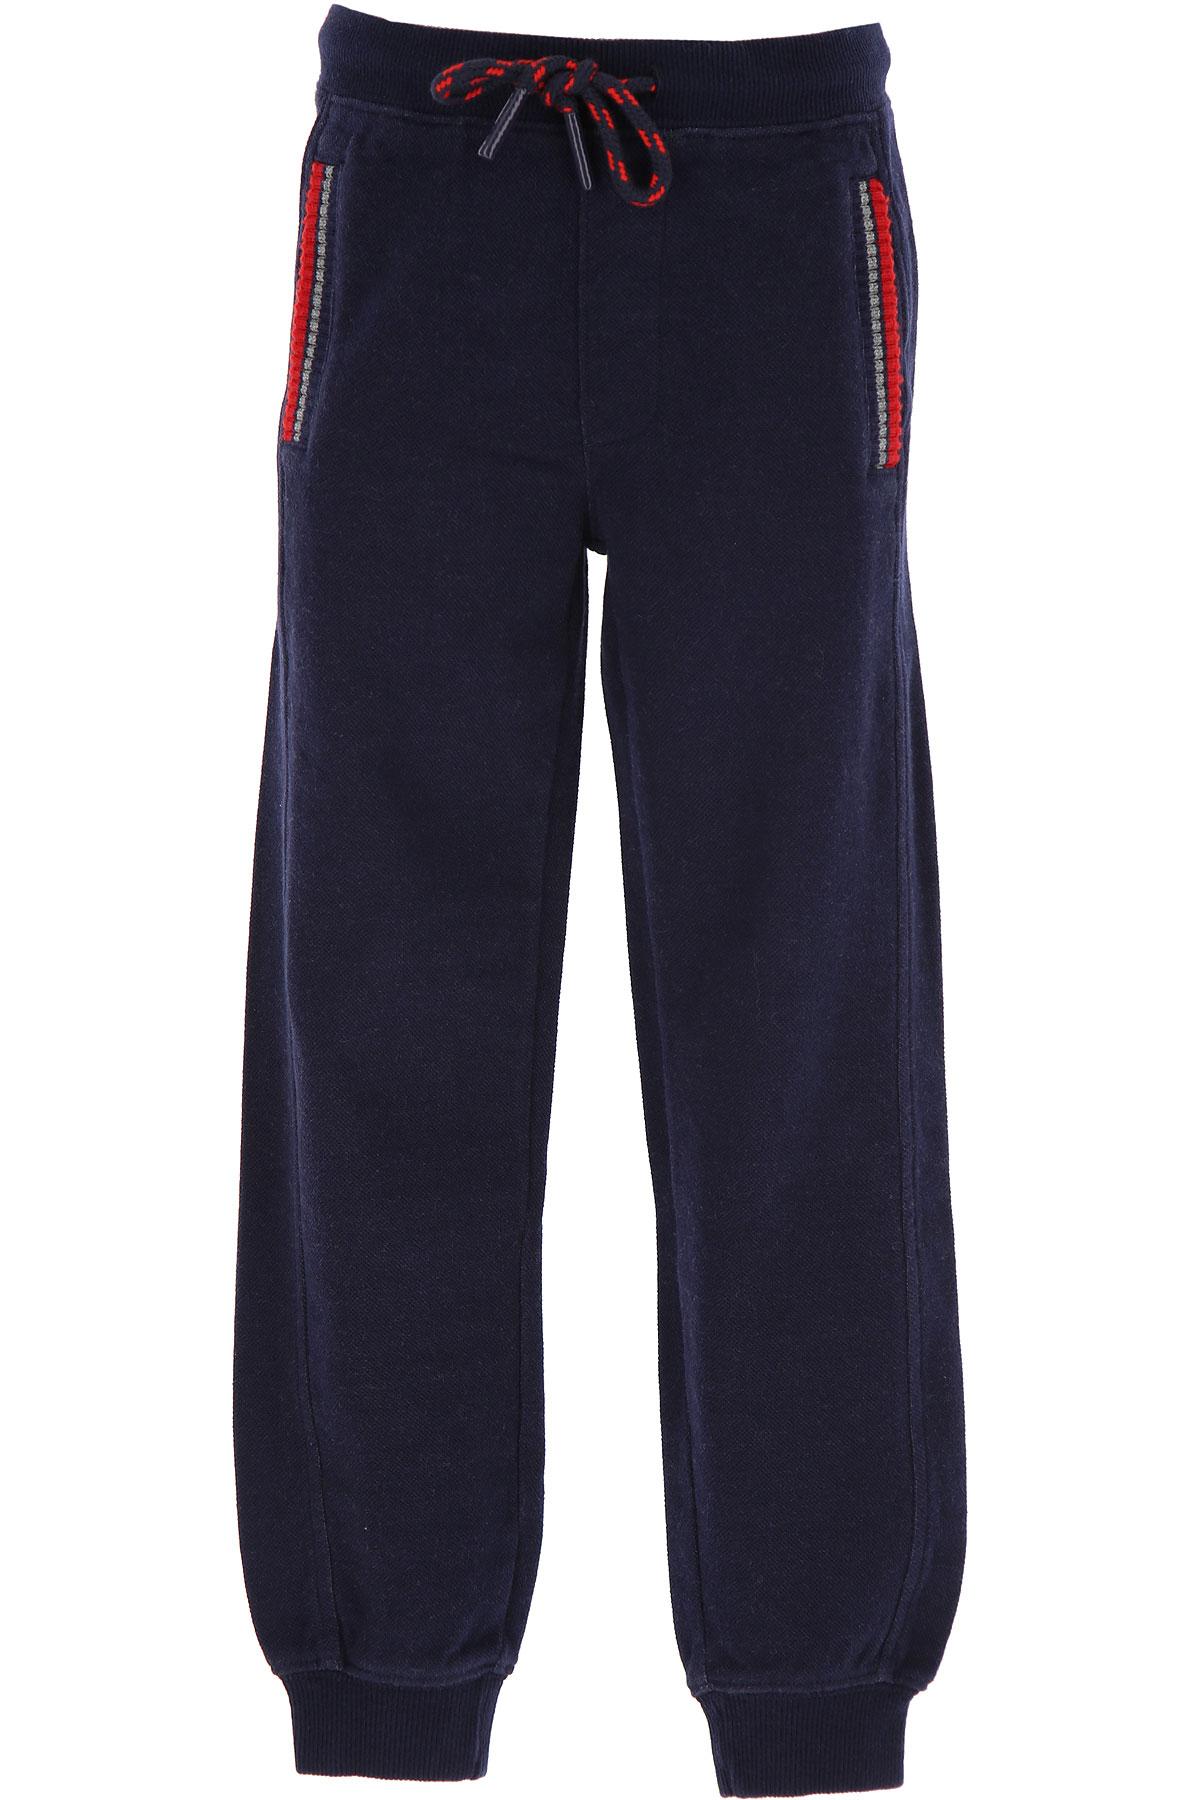 Sun68 Kids Sweatpants for Boys On Sale, Blue, Cotton, 2019, 2Y 4Y